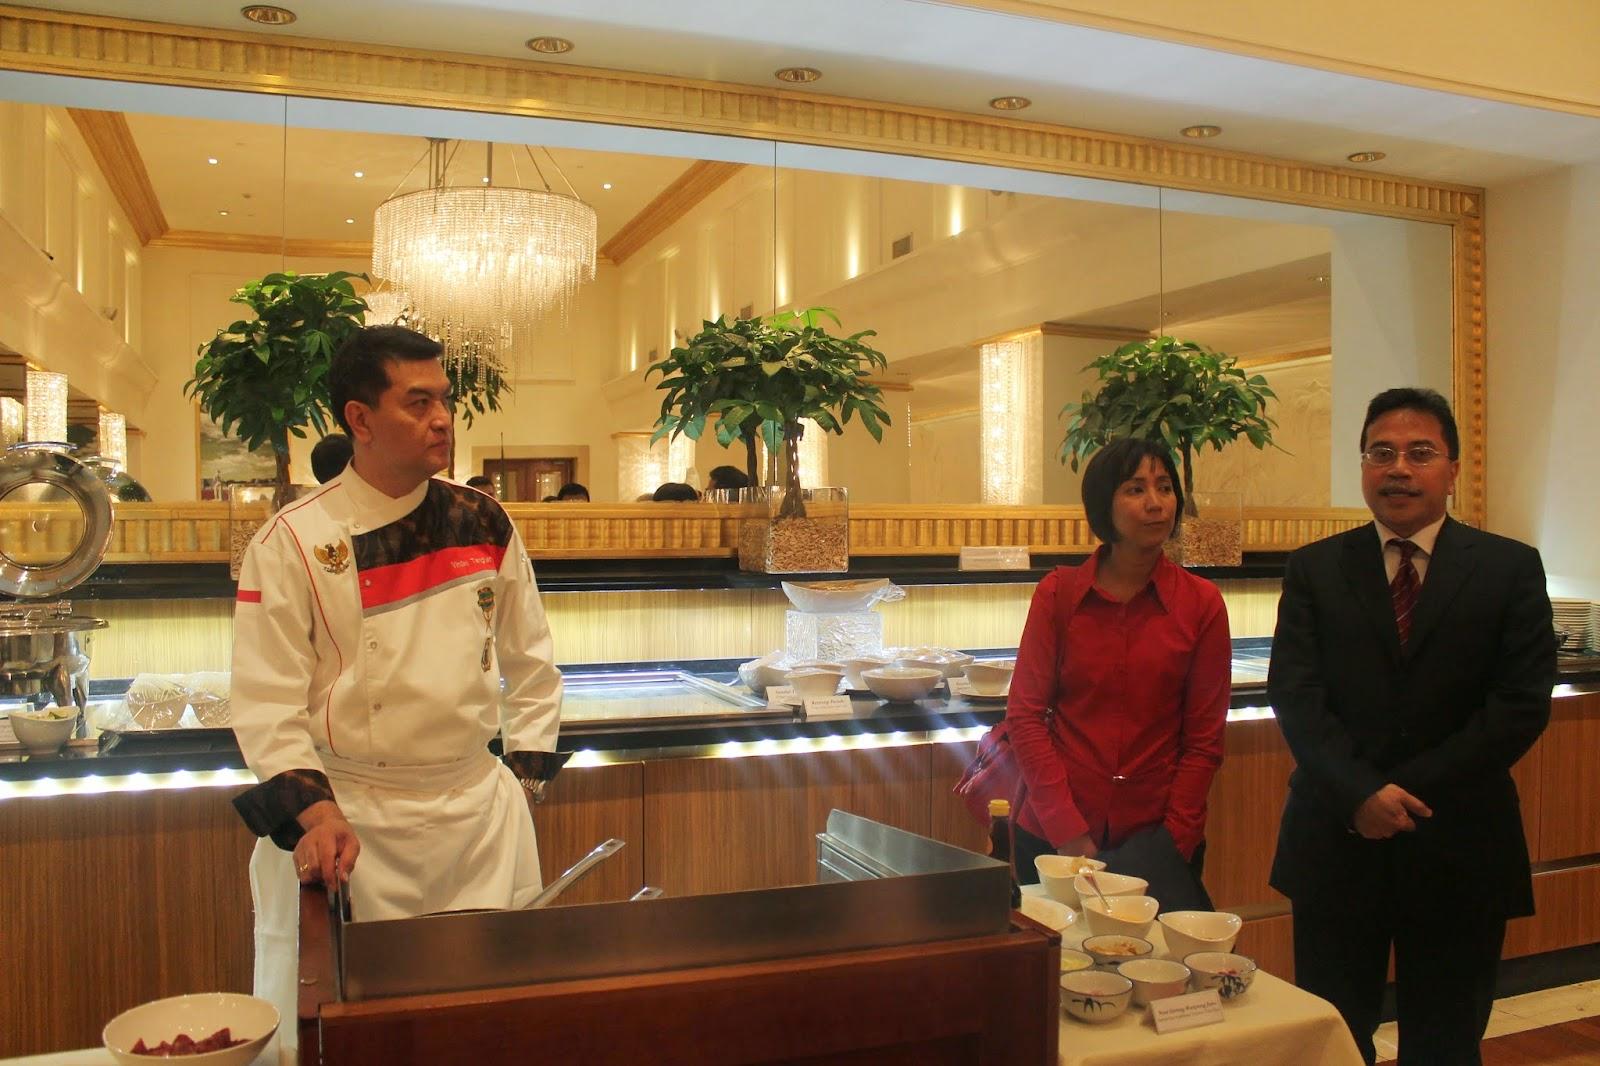 il ristorante doney incontra la cucina indonesiana